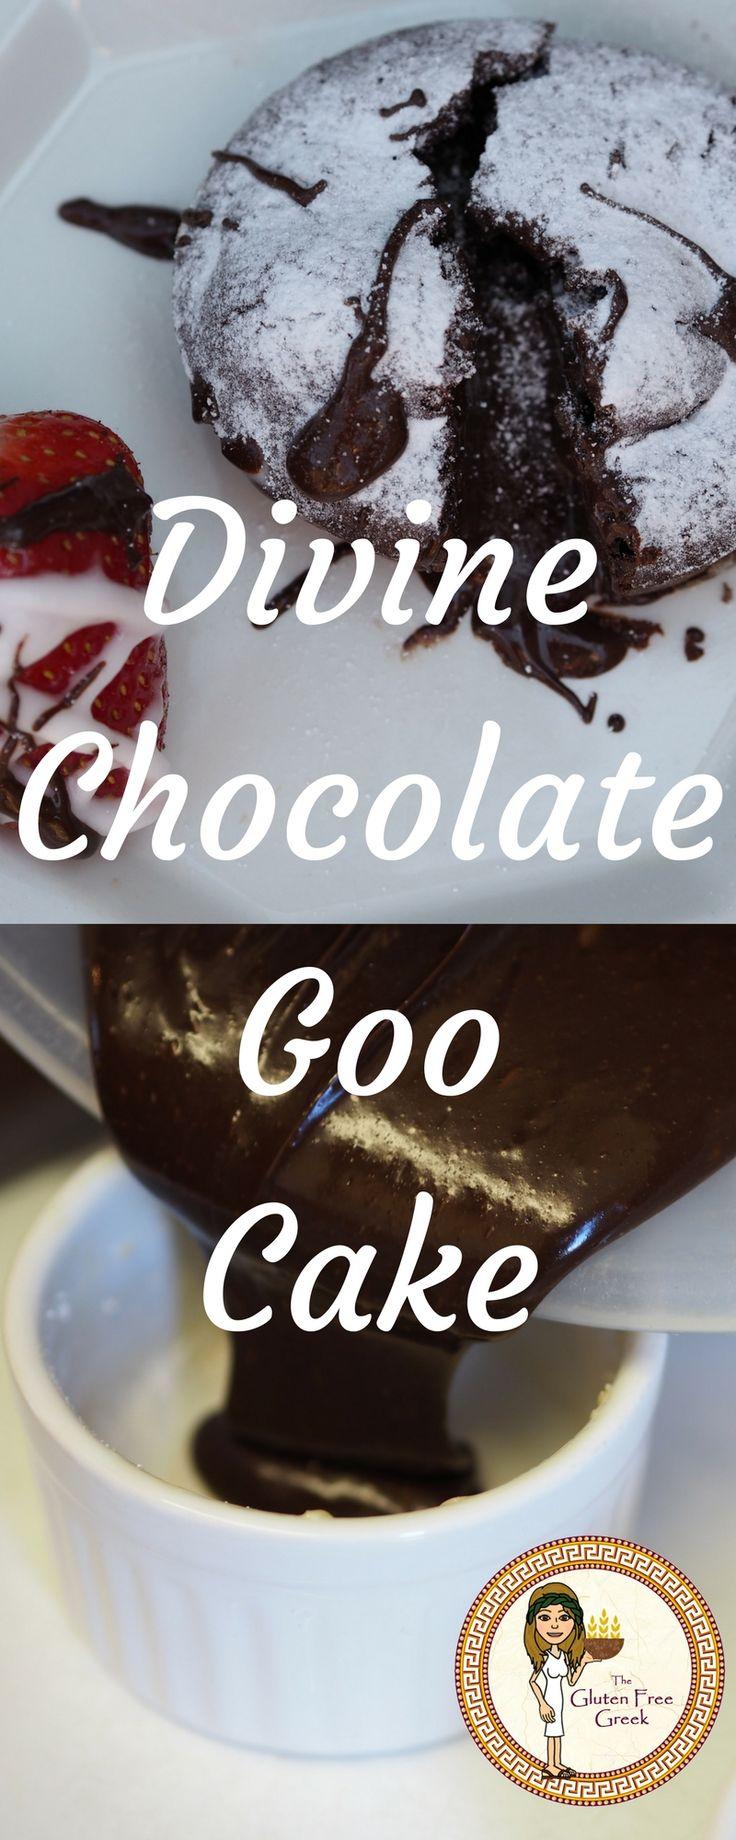 Chocolate Goo Cake Vegan, Nut Free, Wheat Free, Gluten Free